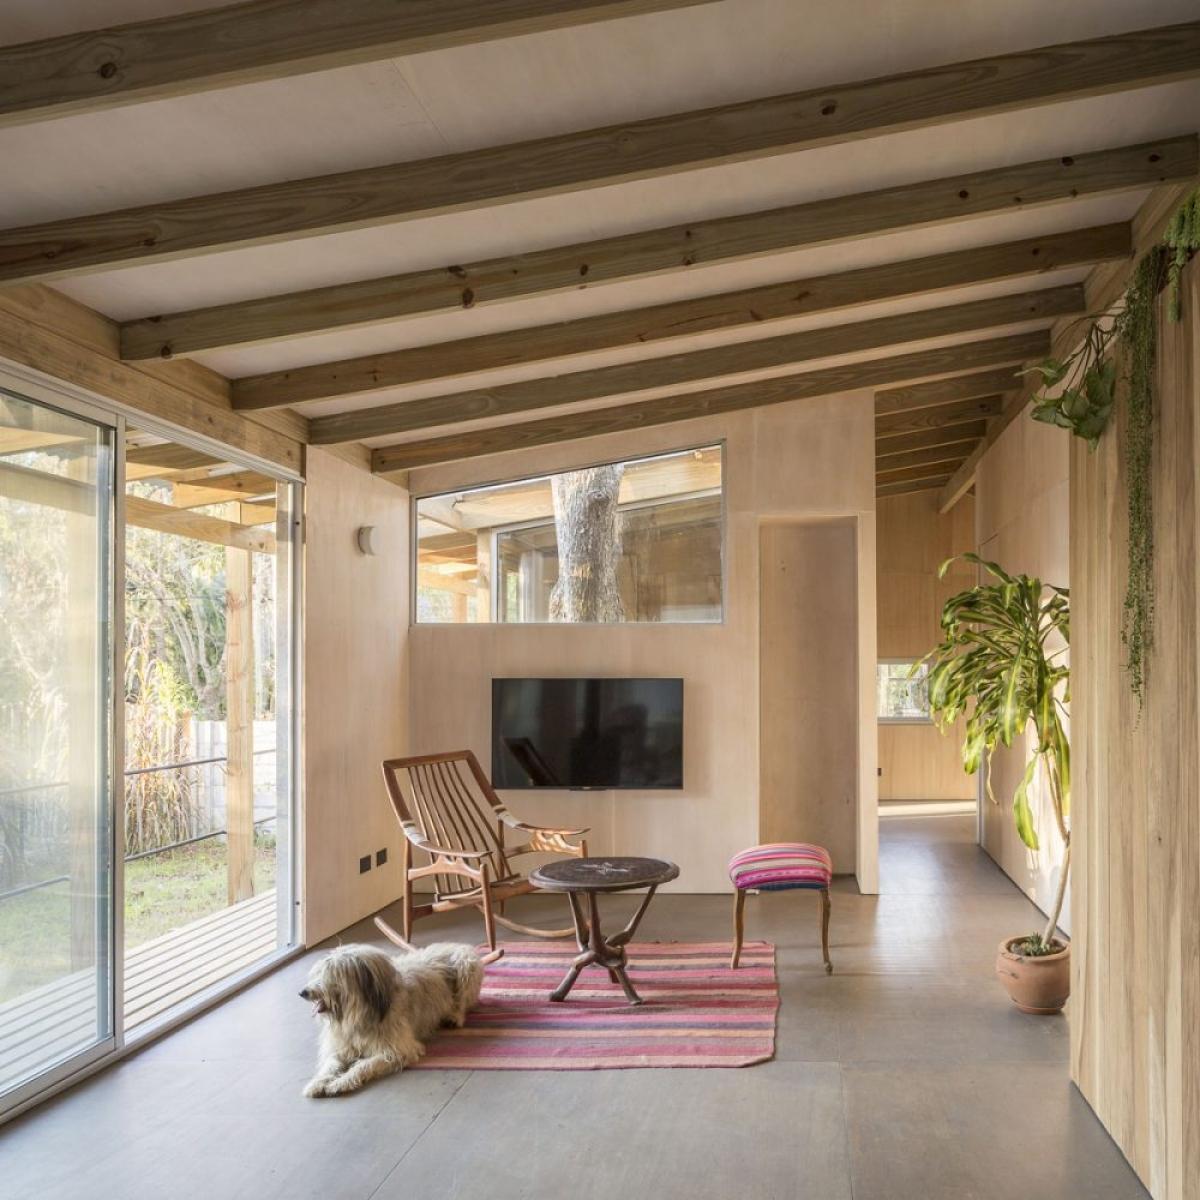 Phòng khách tối giản, nhẹ nhàng cùng chiếc thảm màu sắc tươi trẻ.